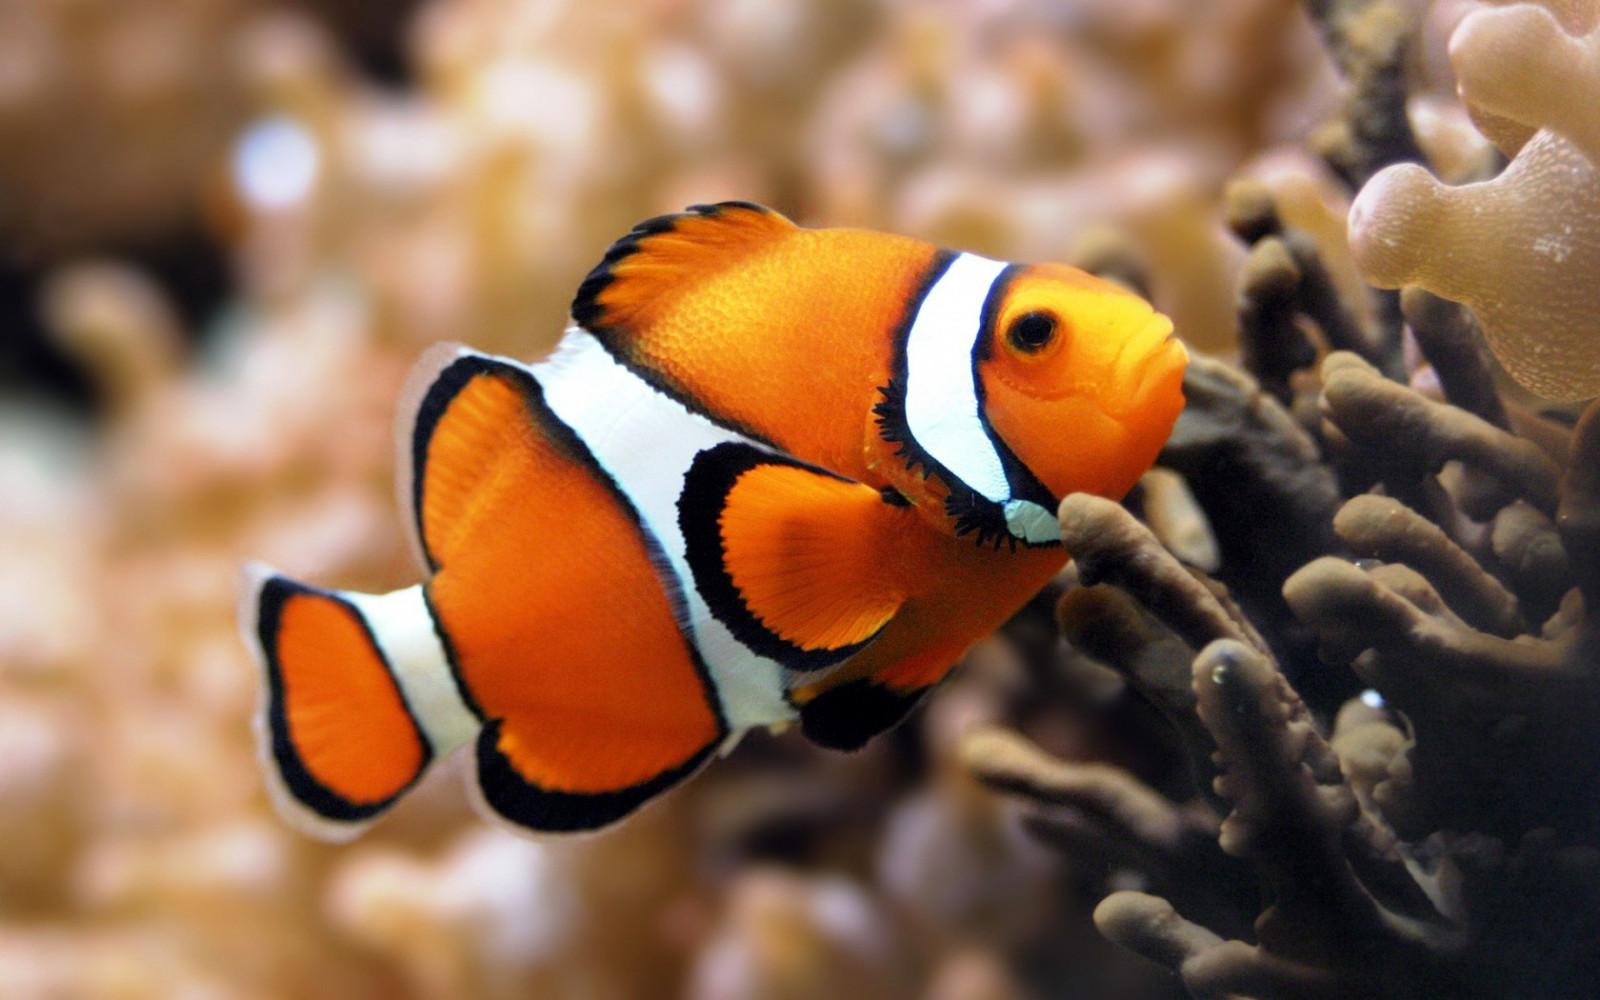 Clownfish - скачать на русском для скайпа (клоунфиш) для изменения 5